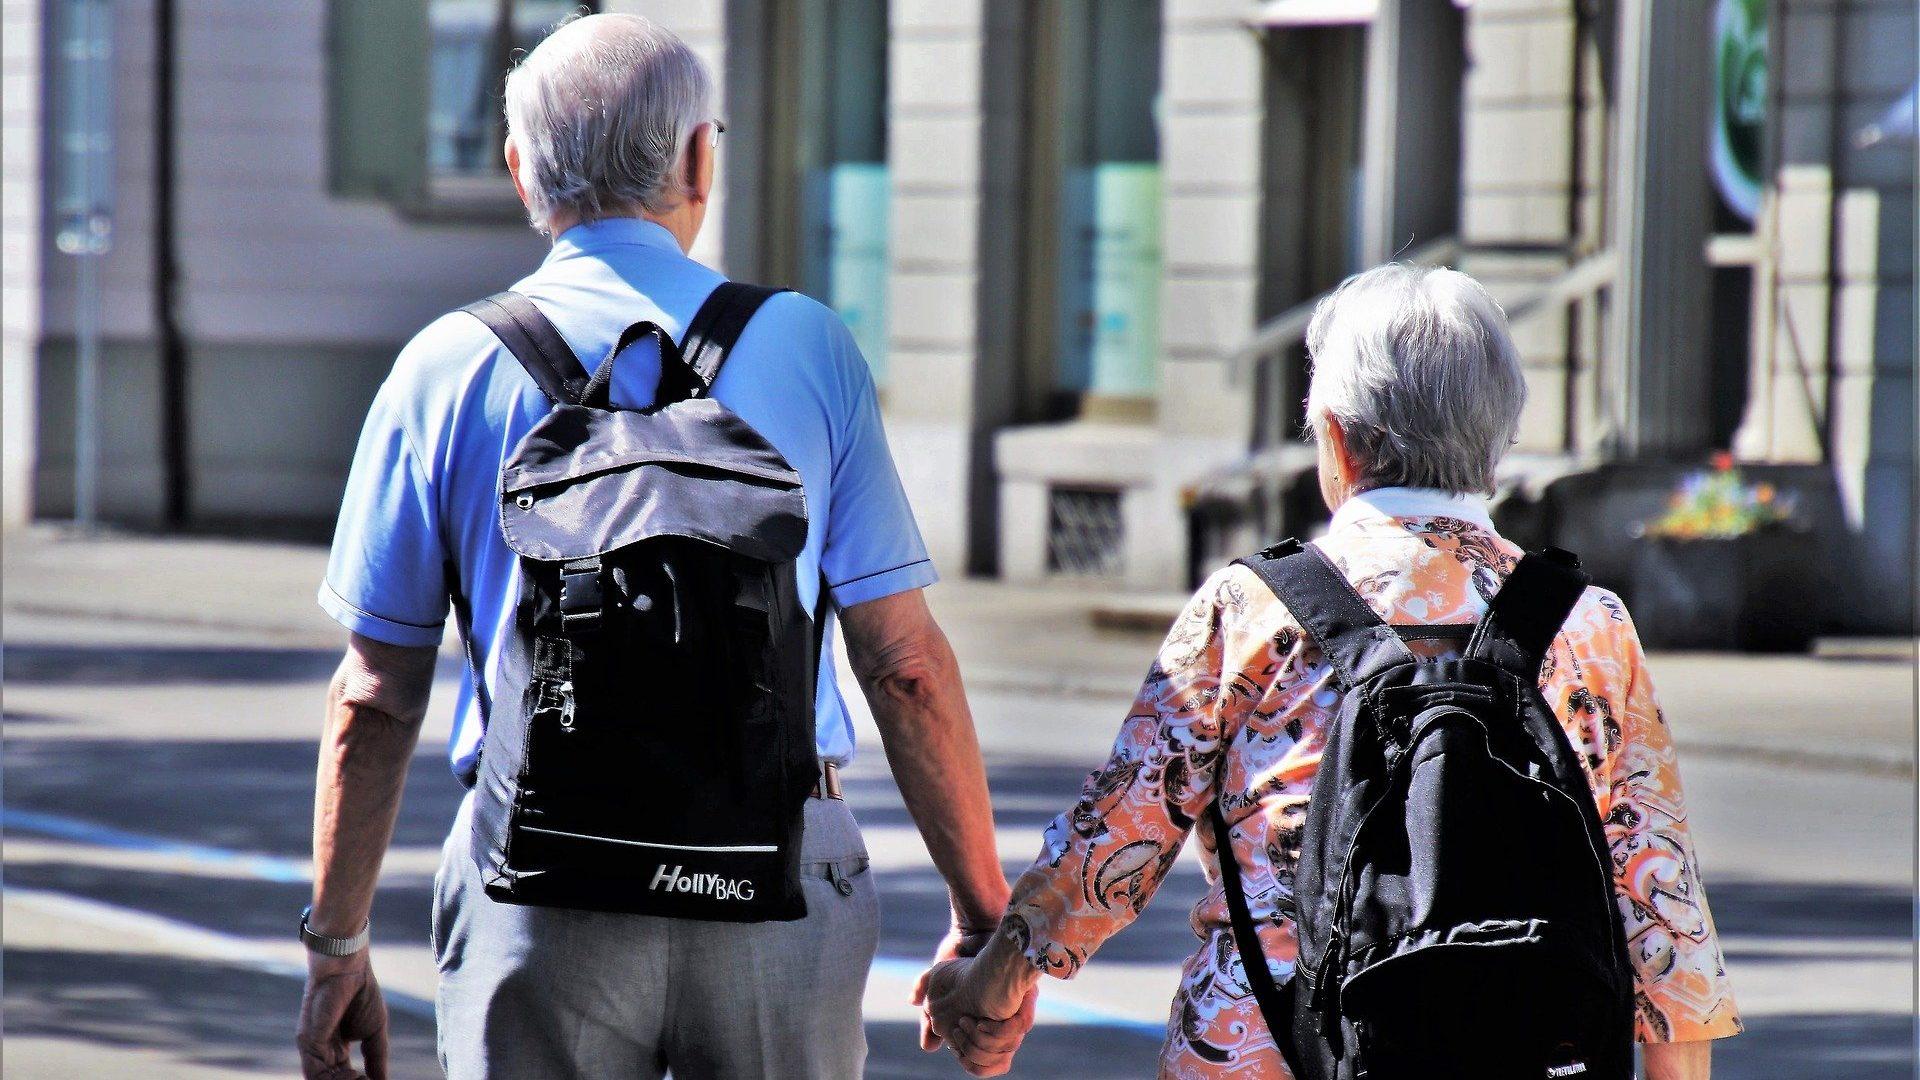 """בקשה לייצוגית נגד כלל ביטוח בטענה למדיניות מפלה מחמת גיל בביטוח נסיעות לחו""""ל"""